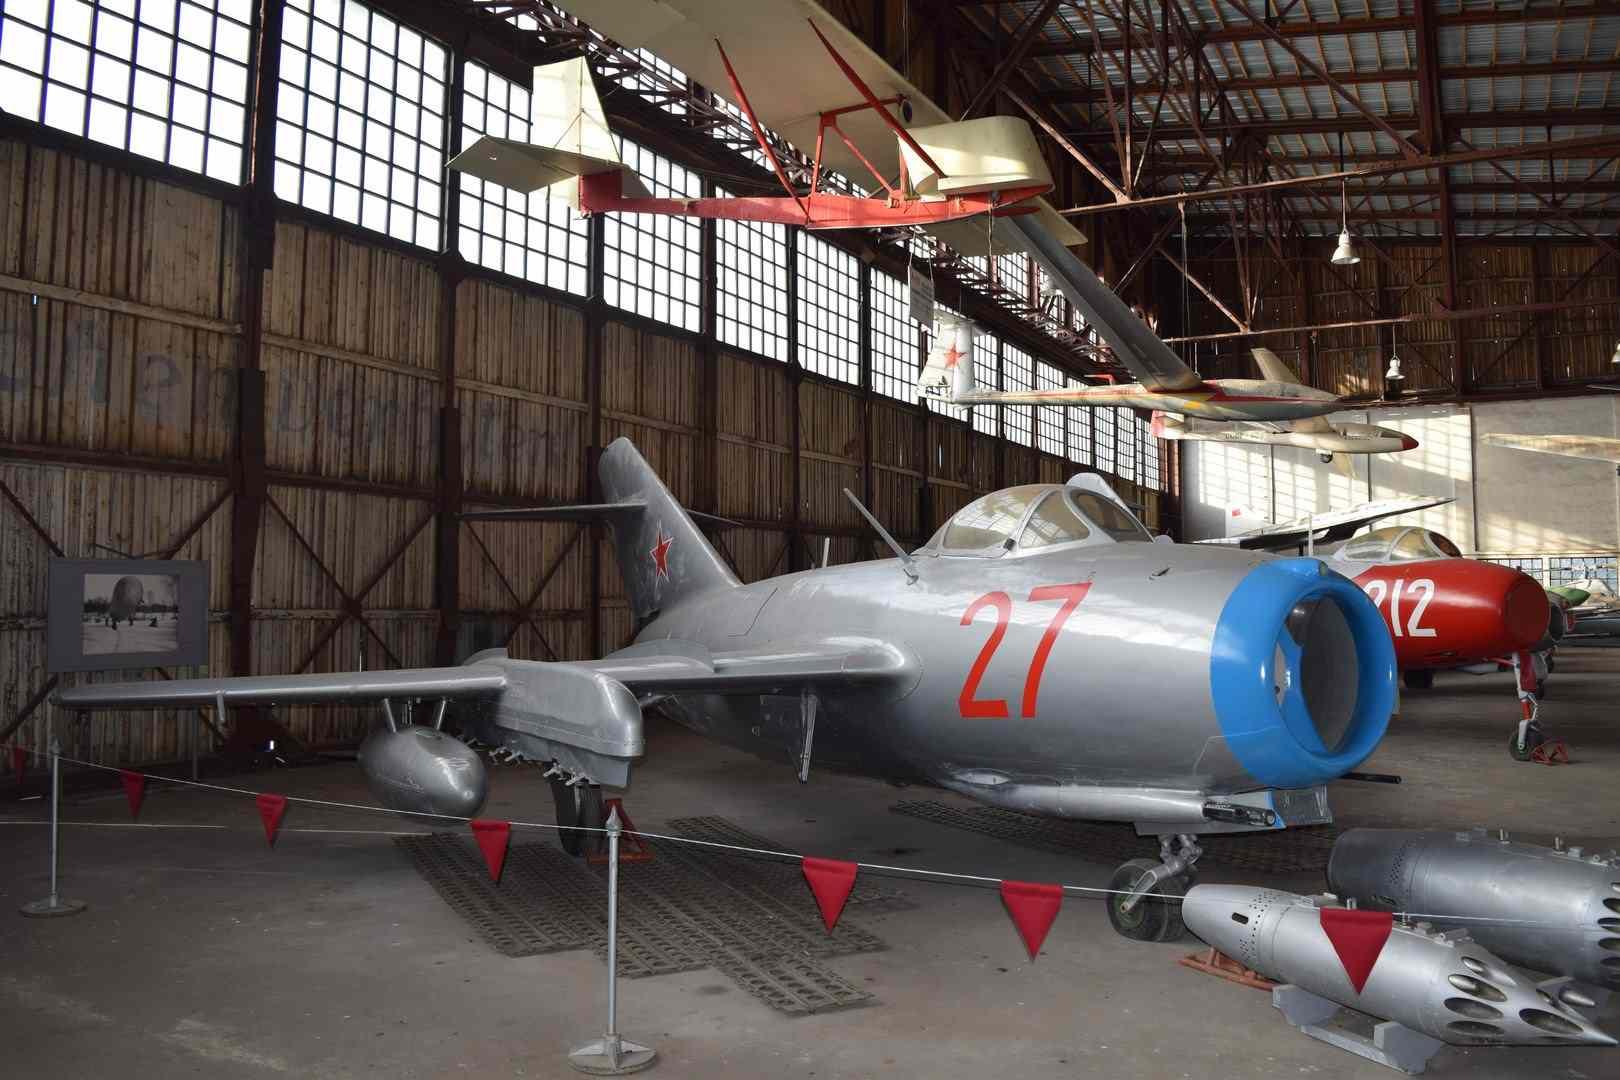 C:\Users\vadim\Documents\Наработки текста по самолетам\Ангар 8\Самолет МиГ-15\DSC_0178 (Копировать) (Копировать).JPG